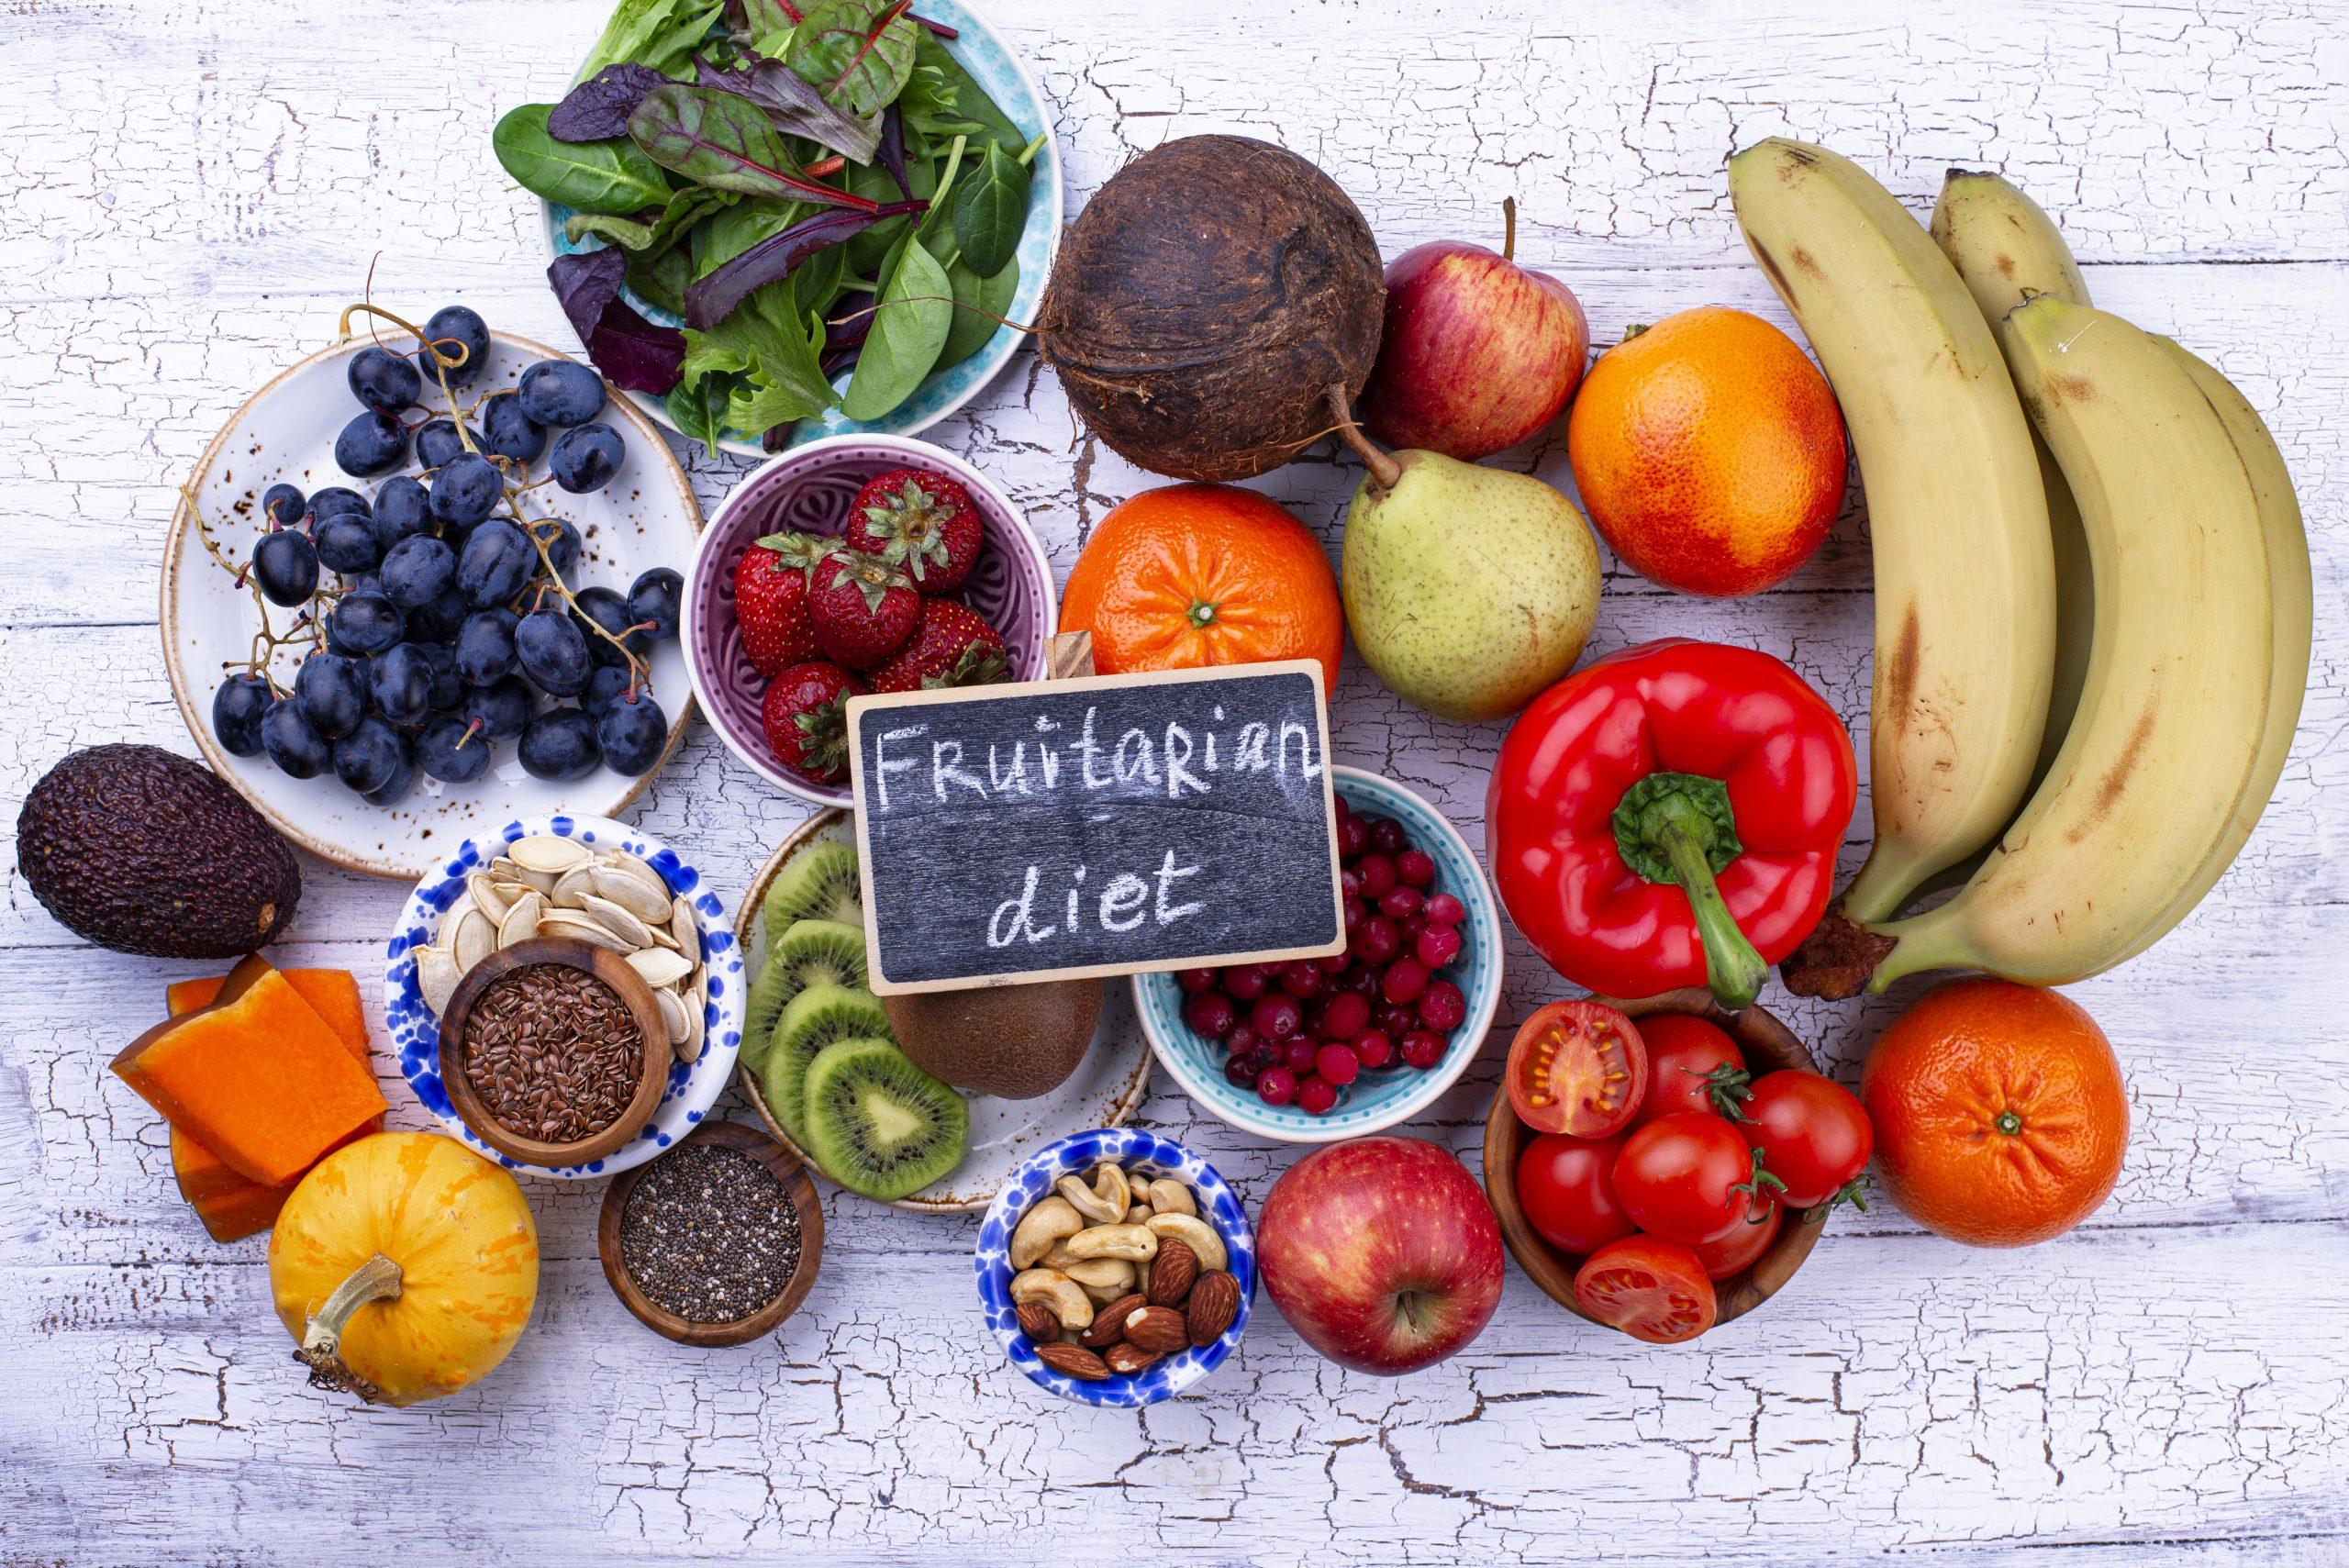 Czy owoce można jeść w dowolnych ilościach?